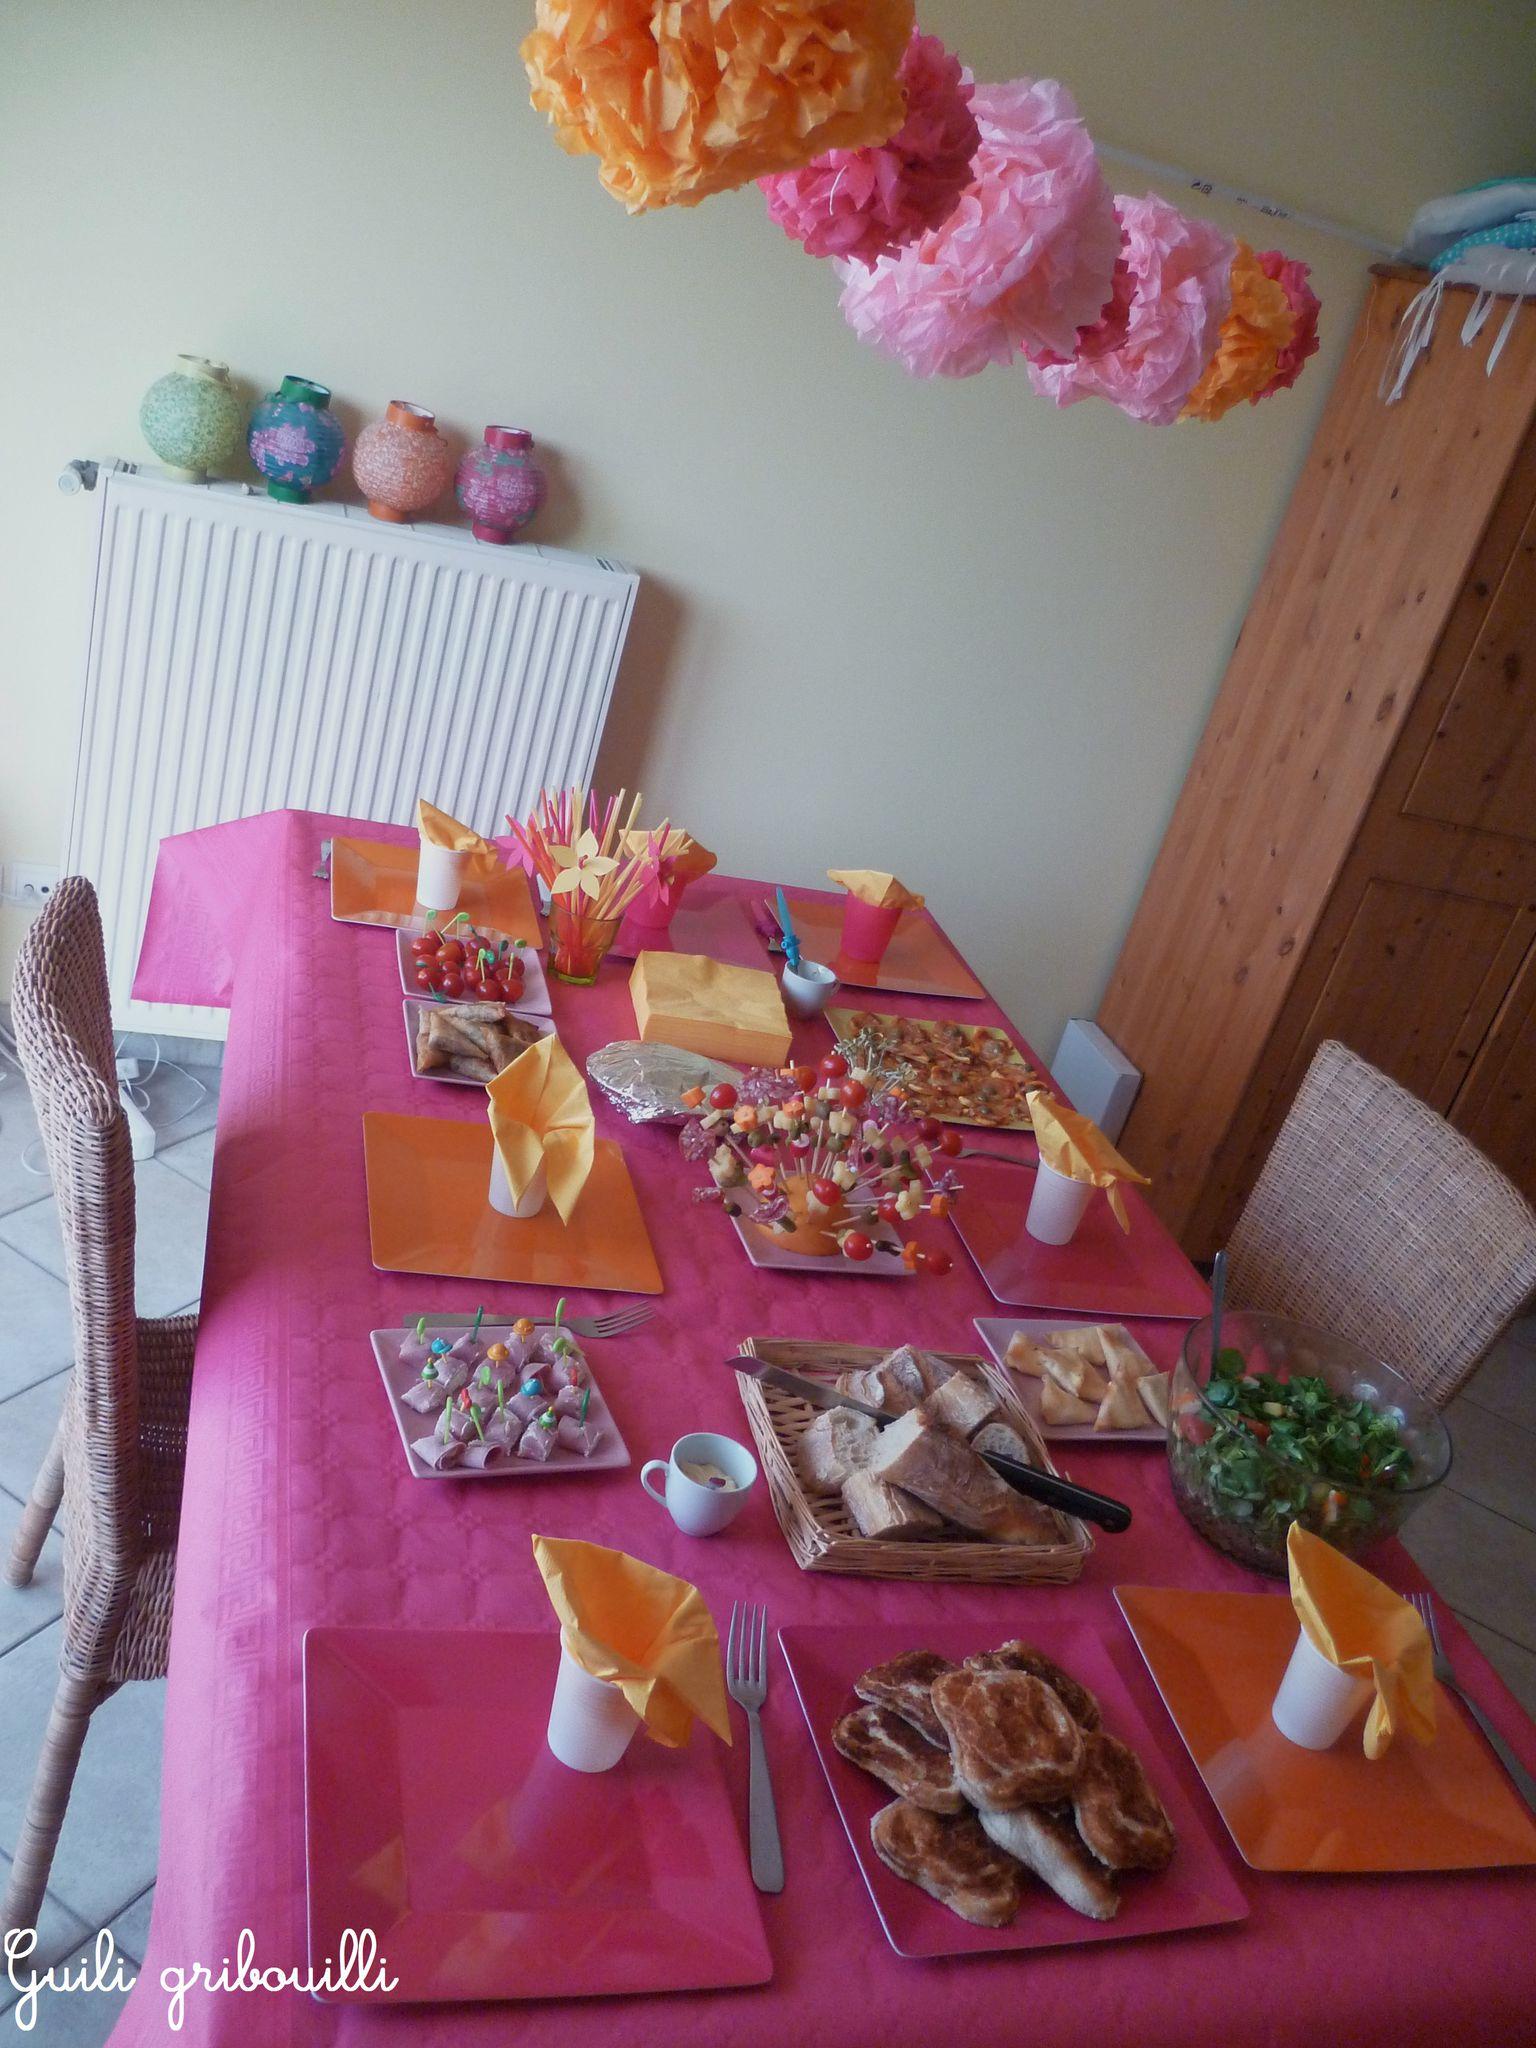 Joyeux anniversaire guili gribouilli - Anniversaire 3 ans fille ...